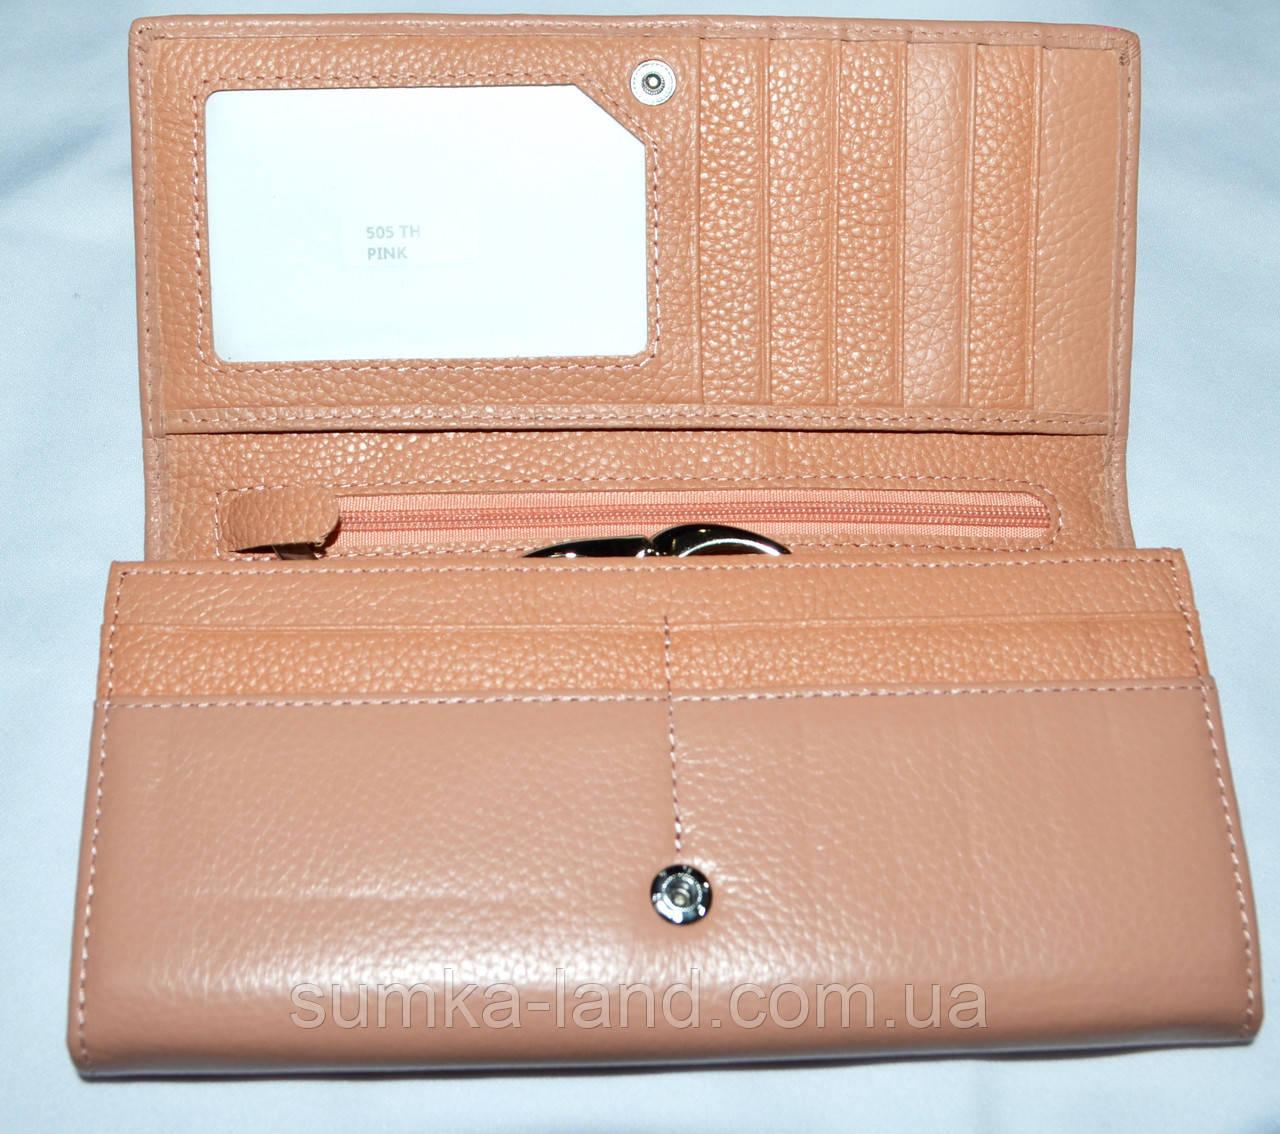 389697c9d226 Женский кошелек из натуральной кожи Verity на кнопке: продажа, цена ...